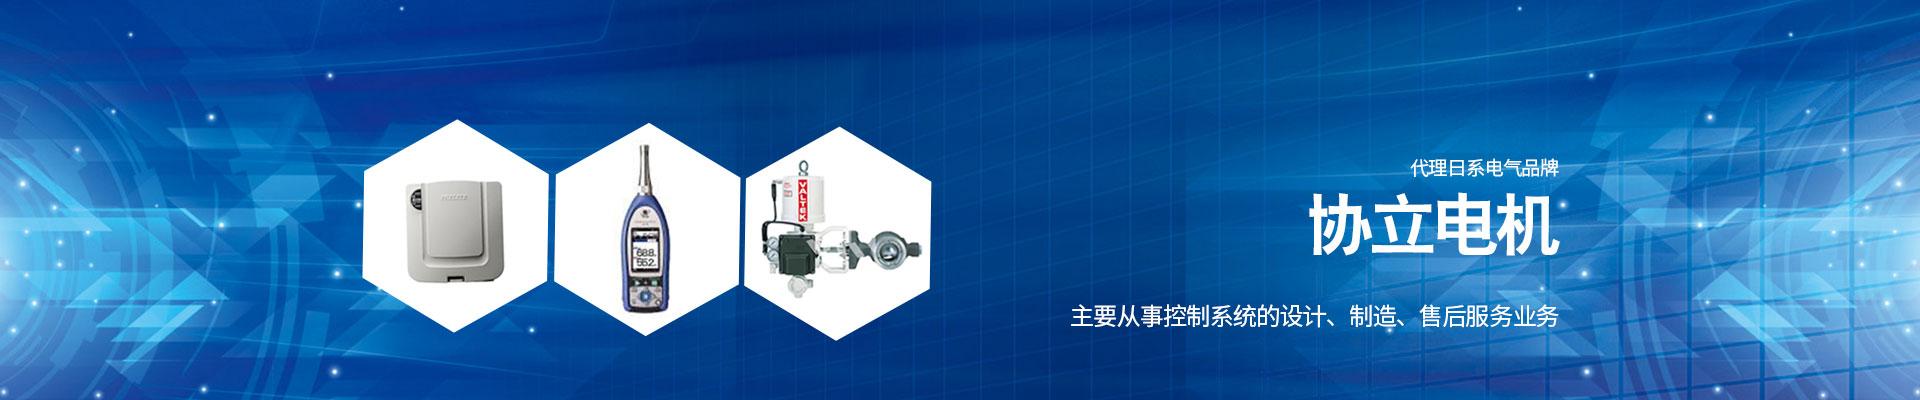 http://www.kdshanghai.com/data/upload/202109/20210901171653_936.jpg